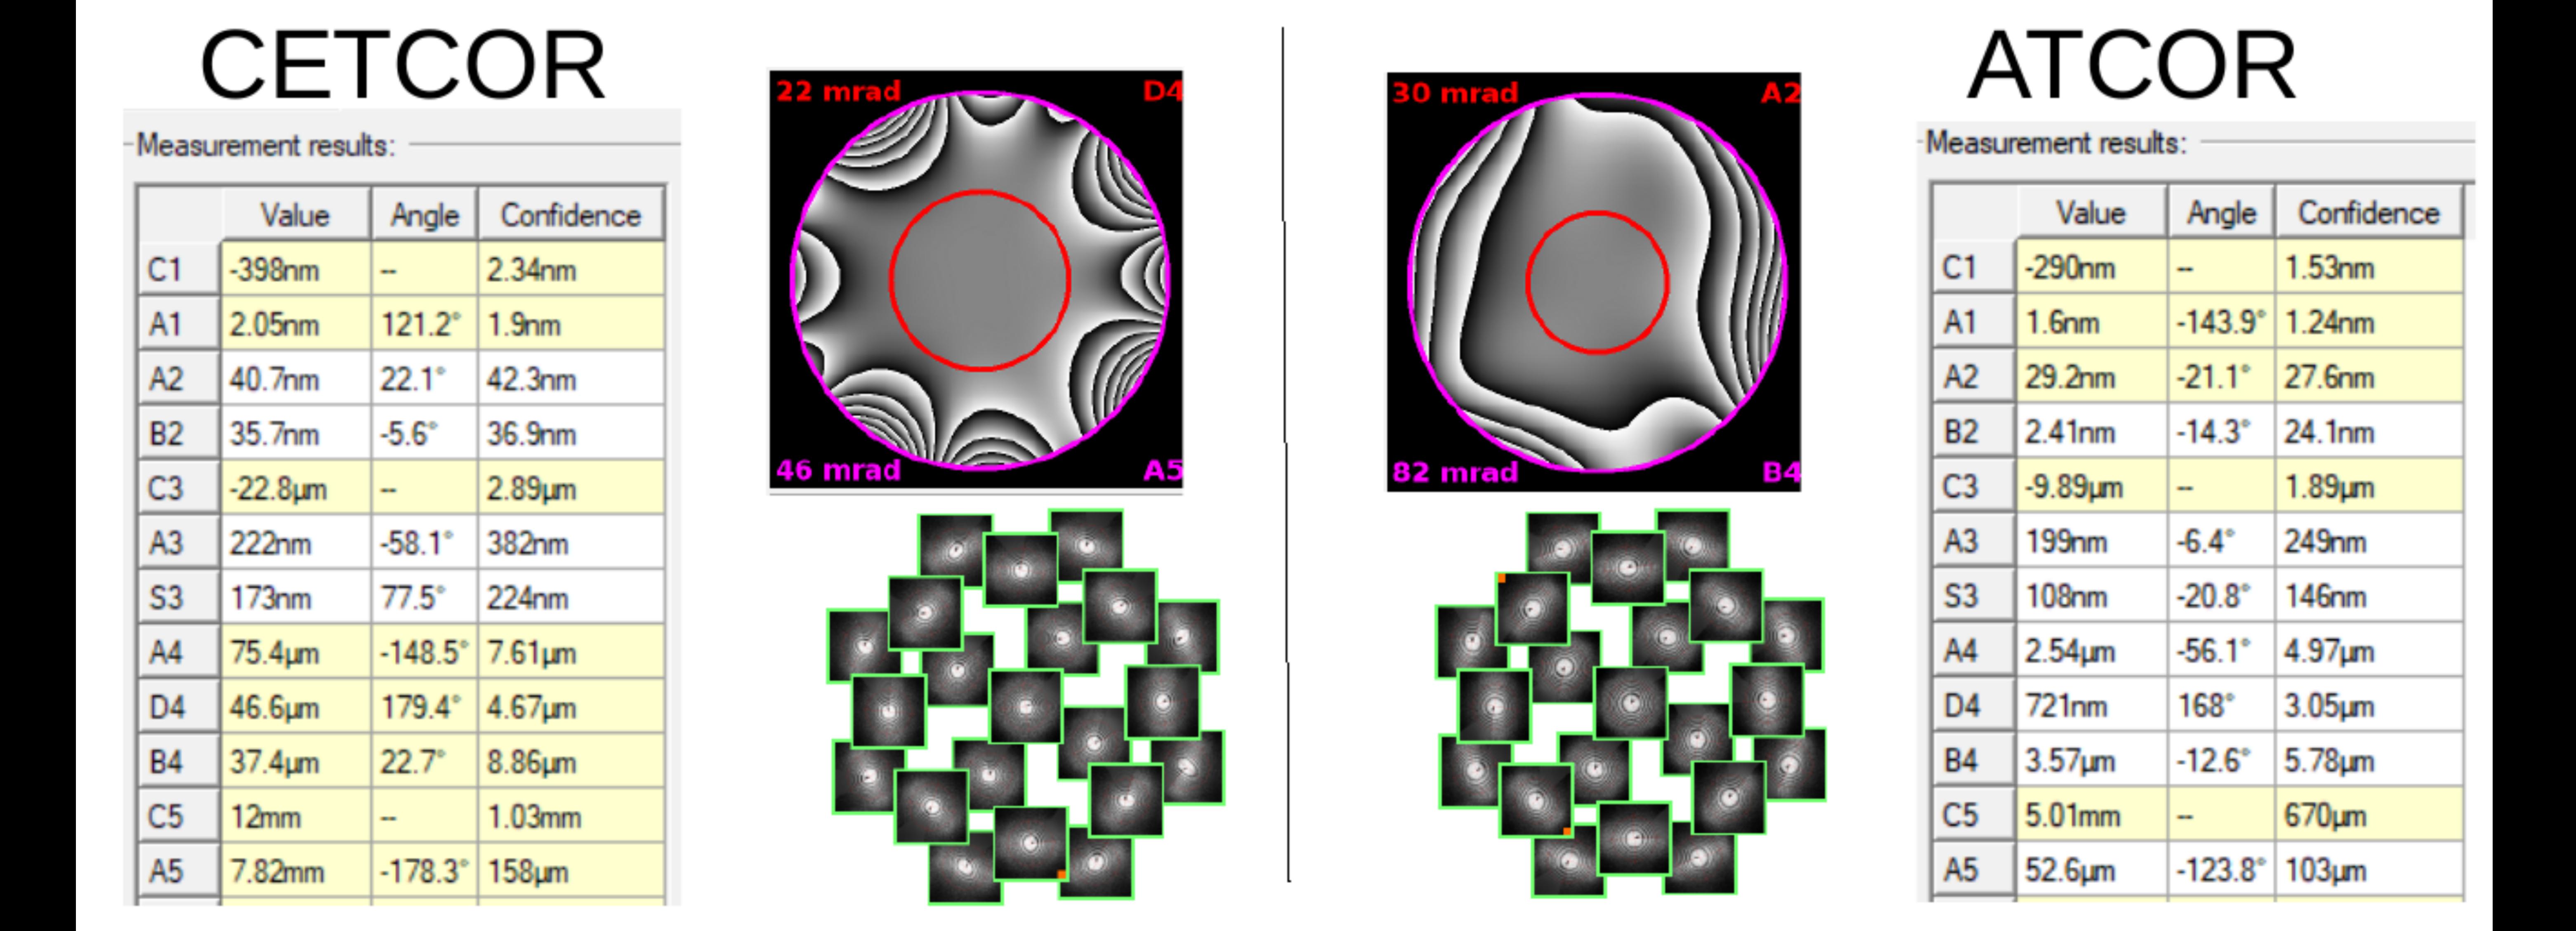 Vergleich_Phasenplatten_CETCOR_ATCOR